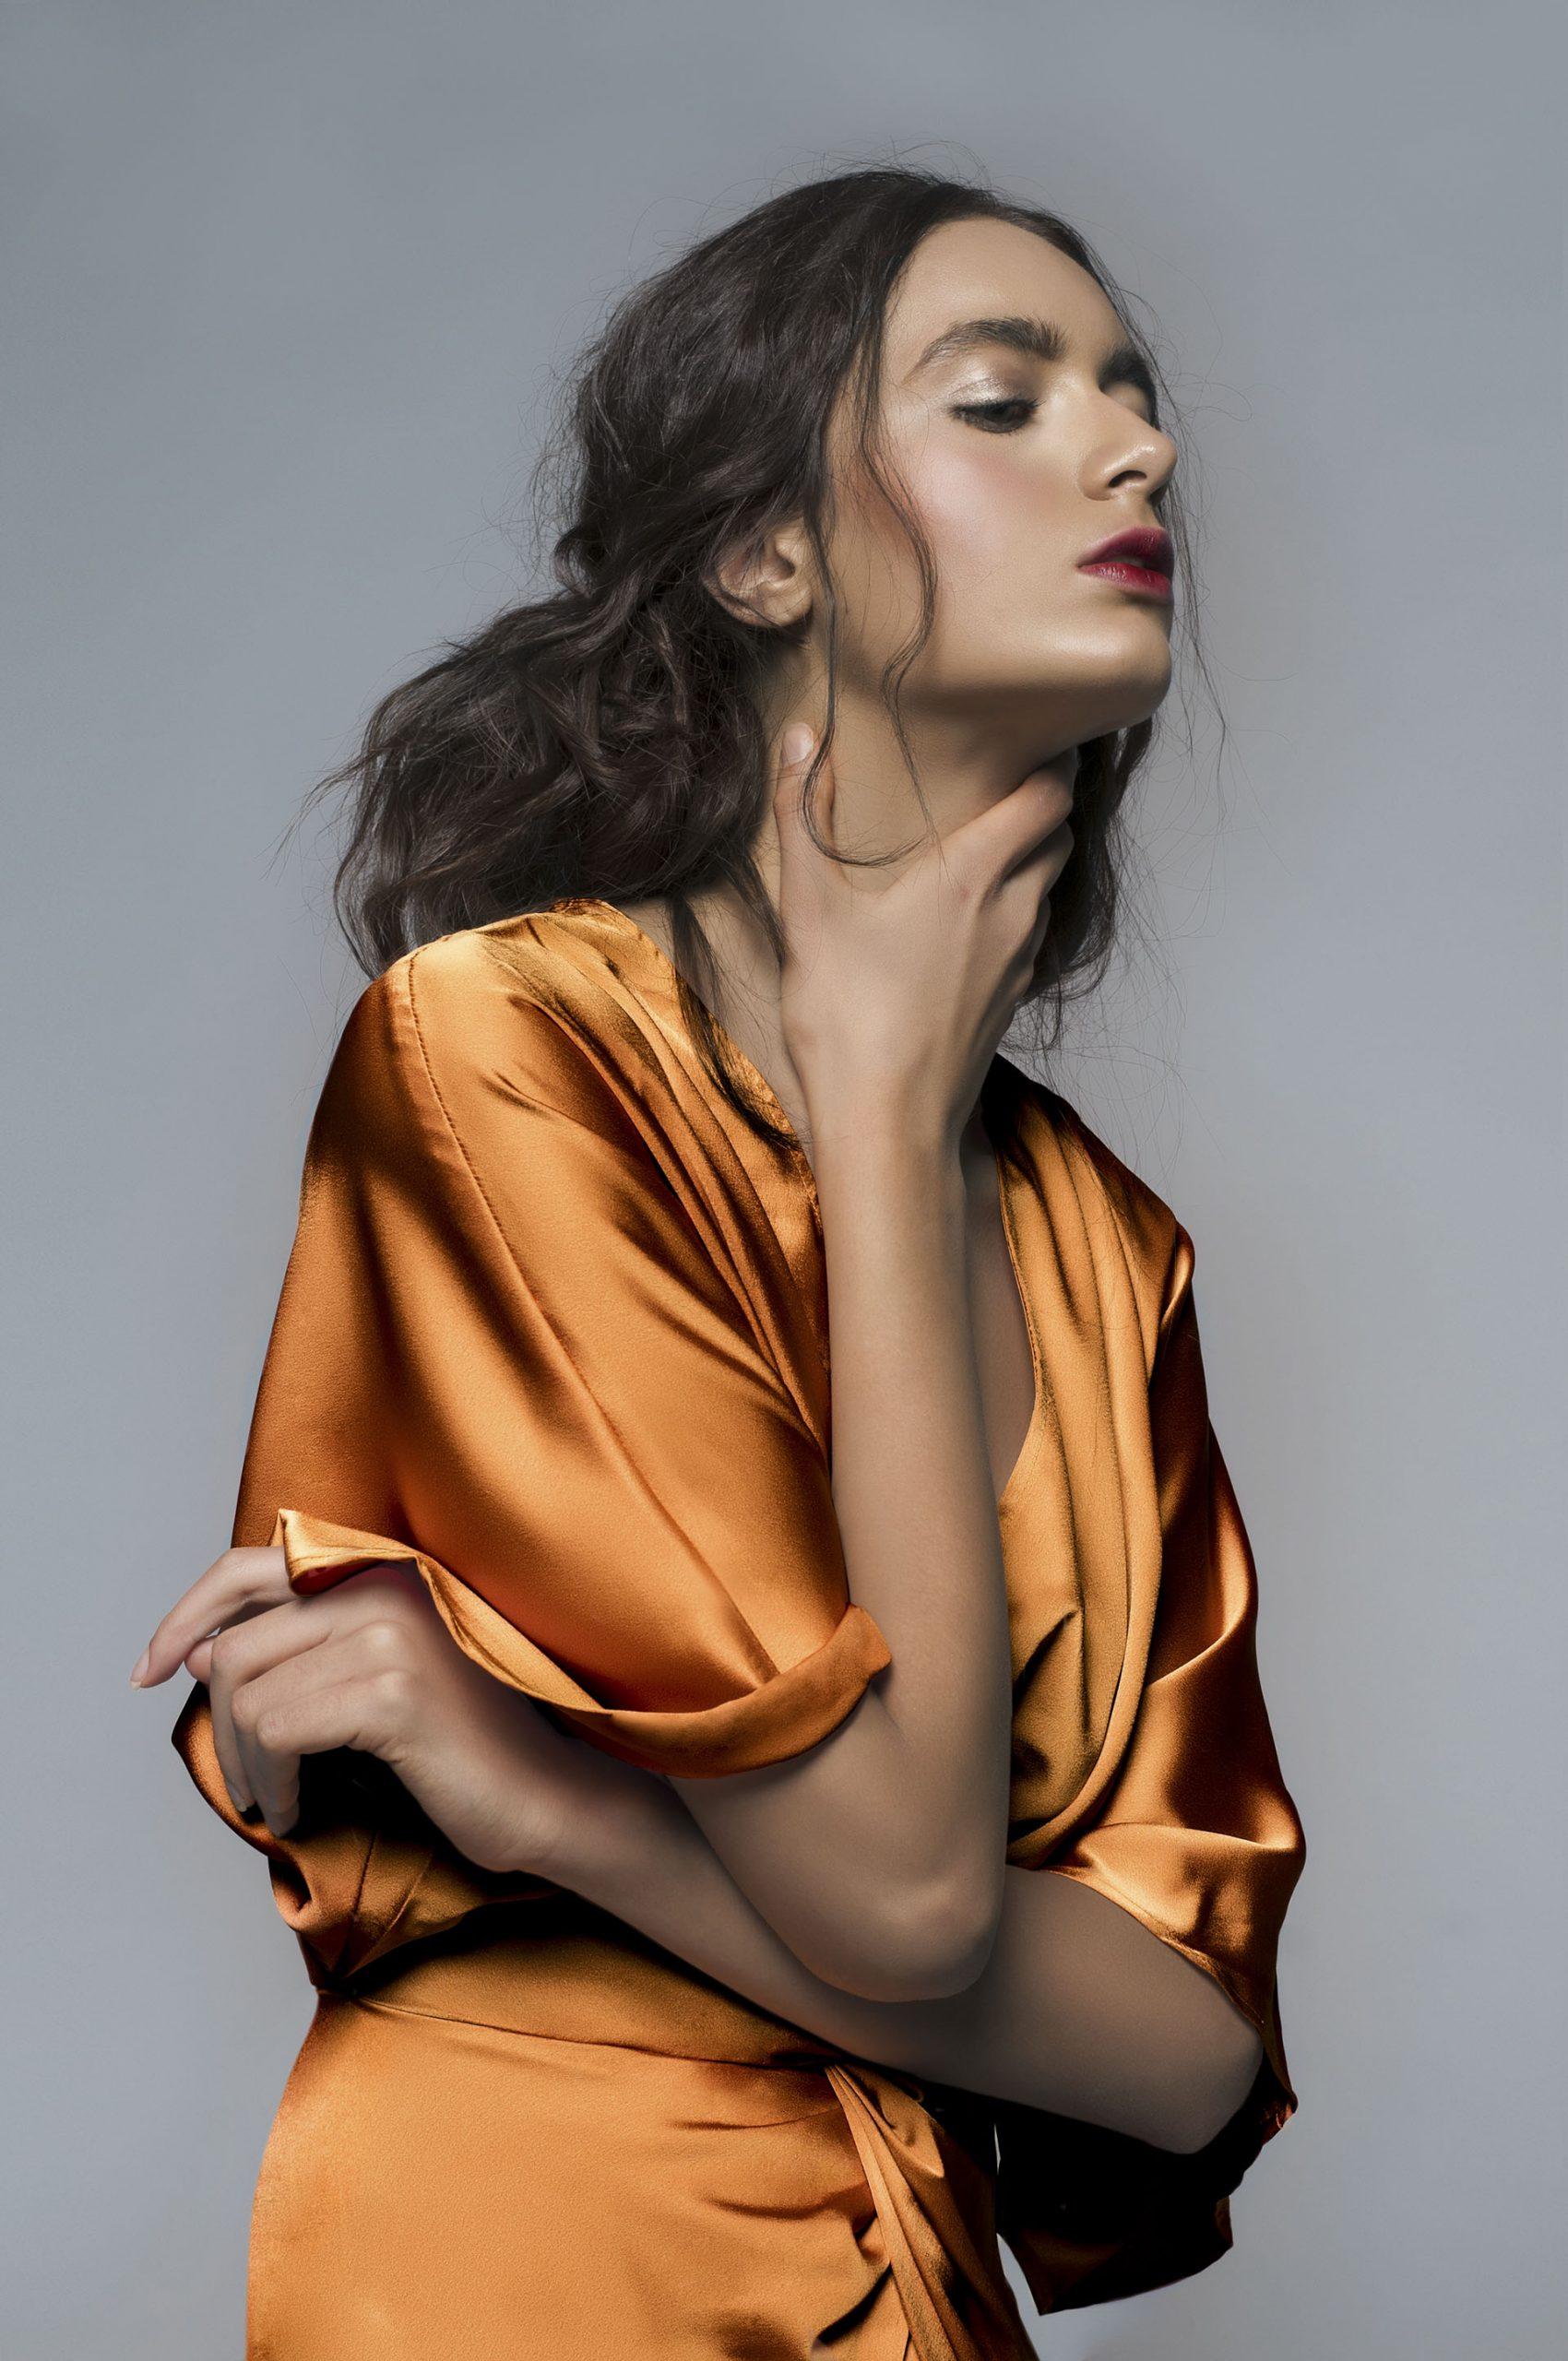 Egon Fotografia di moda Beatrice Capone - The Fashion Atlas